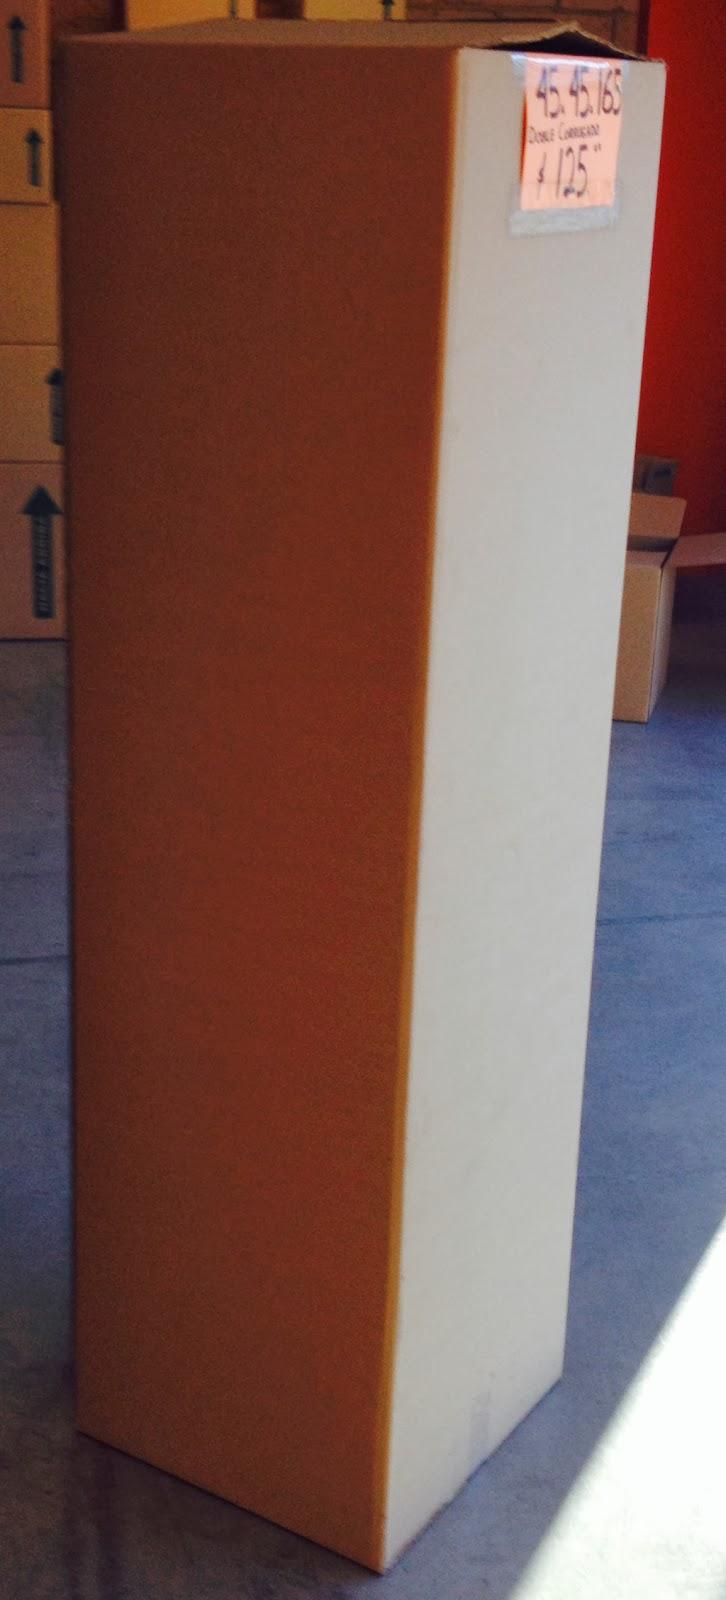 Cajas de cart n el cedro corrugado df y gdl caja para - Cajas de carton de navidad ...